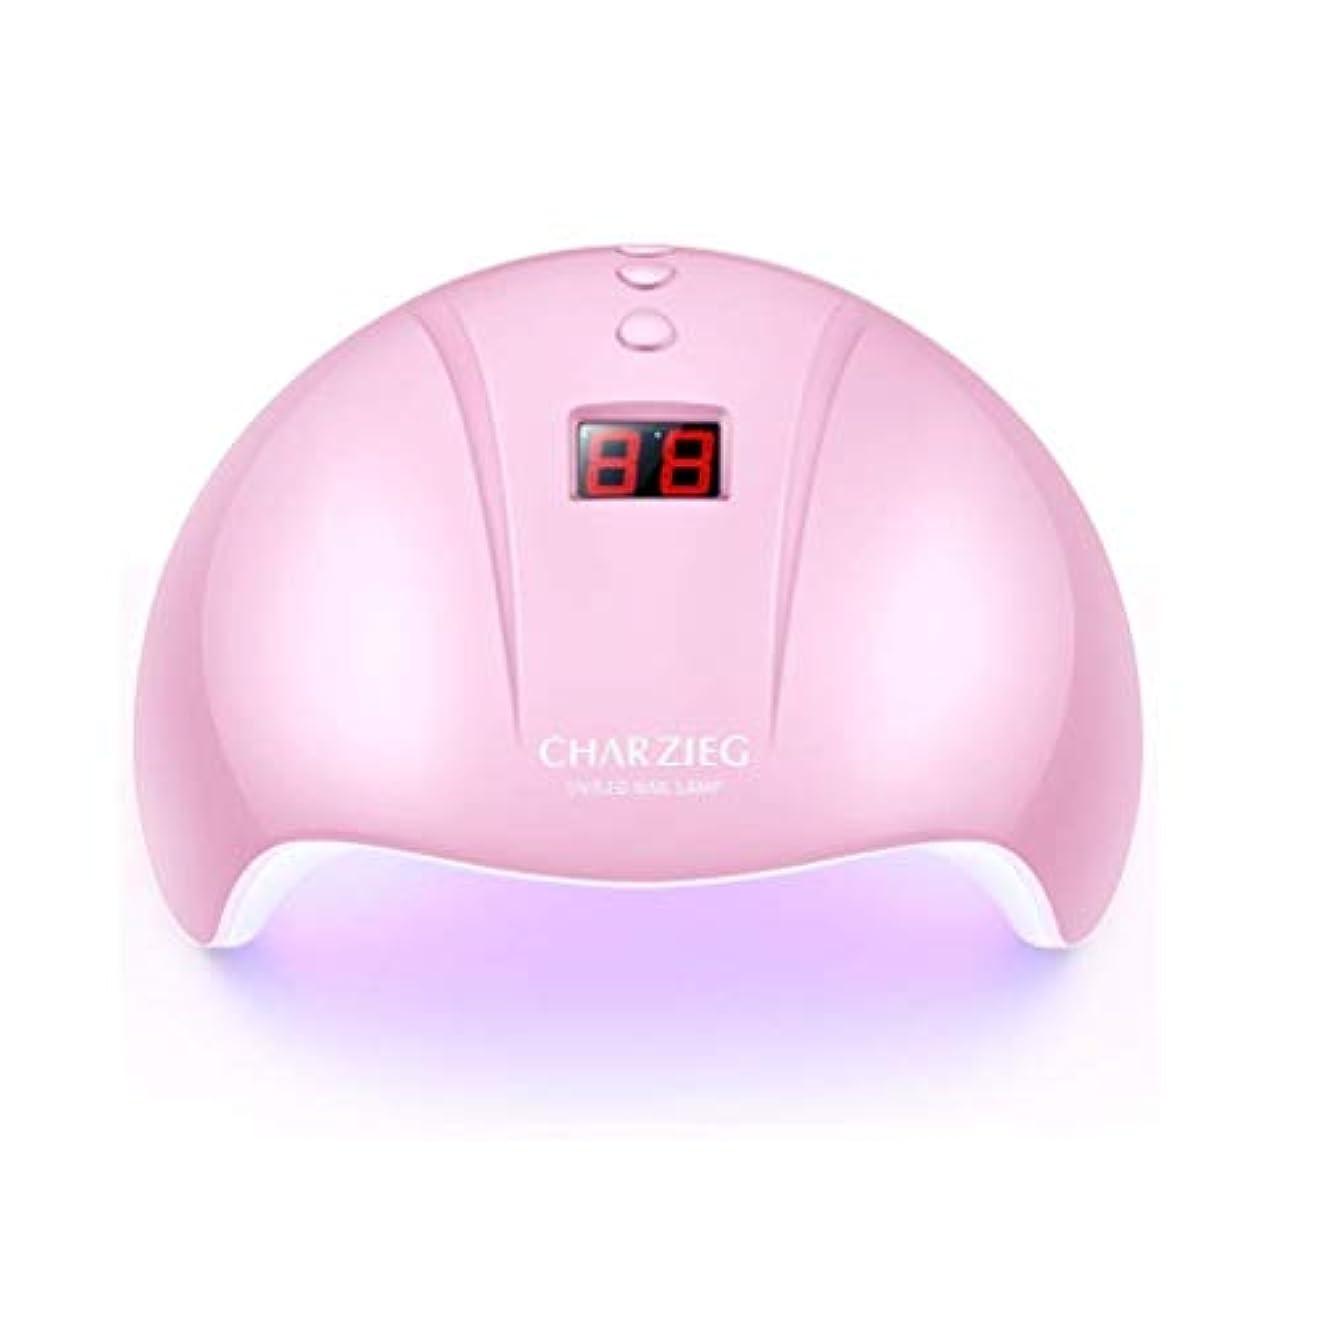 ディスコカラス排除するHooAMI ネイルライト led ネイルドライヤー 硬化用uvライト ジェルネイル 36W LED 硬化 UVライト 高速硬化ジェルネイルライト赤外線検知 手&足両用 自動センサー 3段階タイマー付きUSB式 (ピンク2)